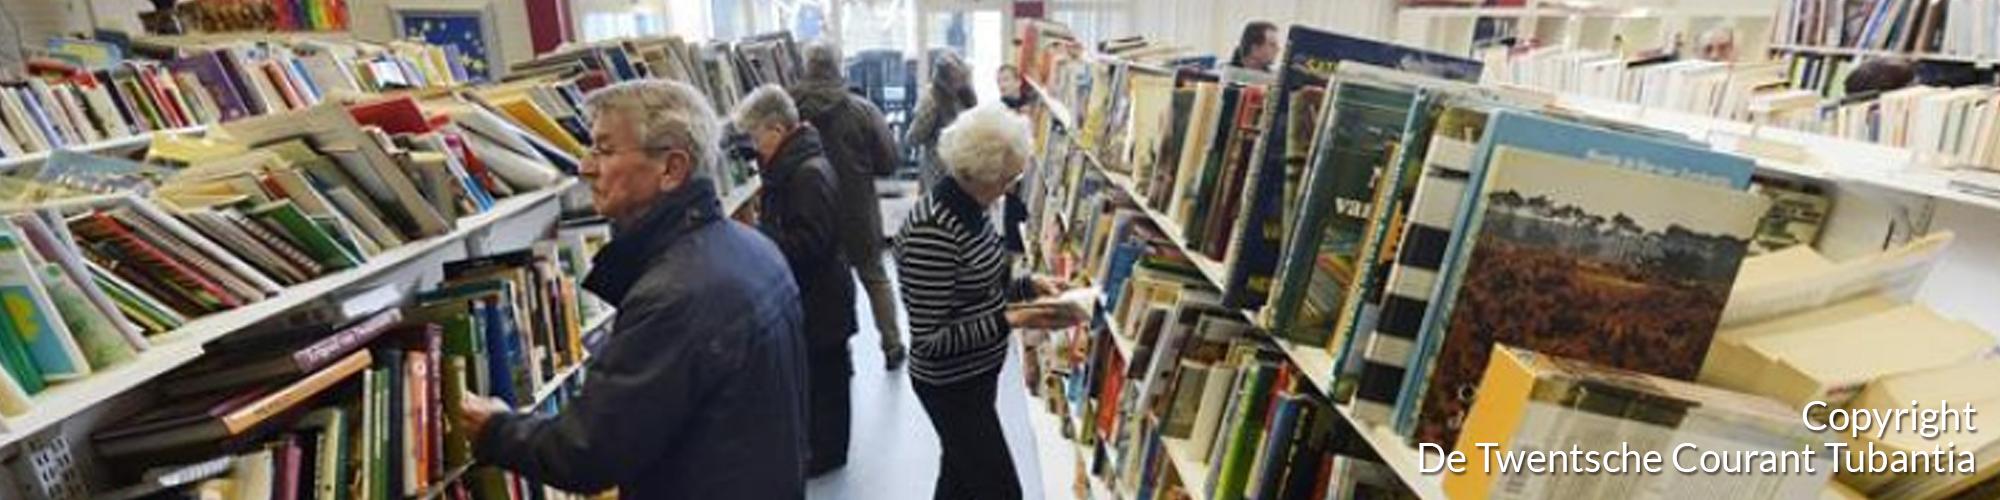 TC Tubantia artikel Meer boeken en meer ruimte voor bezoekers op Boekenbeurs Glanerbrug